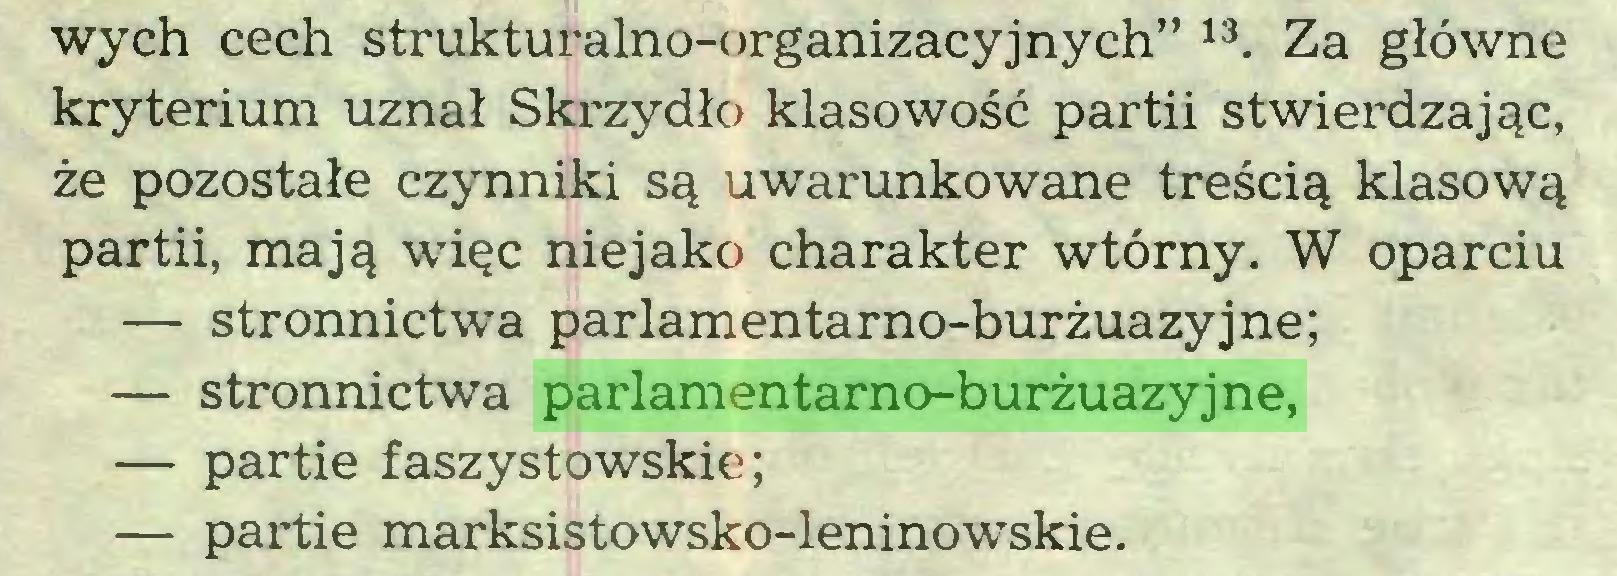 """(...) wych cech strukturalno-organizacyjnych"""" 13. Za główne kryterium uznał Skrzydło klasowość partii stwierdzając, że pozostałe czynniki są uwarunkowane treścią klasową partii, mają więc niejako charakter wtórny. W oparciu — stronnictwa parlamentarno-burżuazyjne; — stronnictwa parlamentarno-burżuazyjne, — partie faszystowskie; — partie marksistowsko-leninowskie..."""